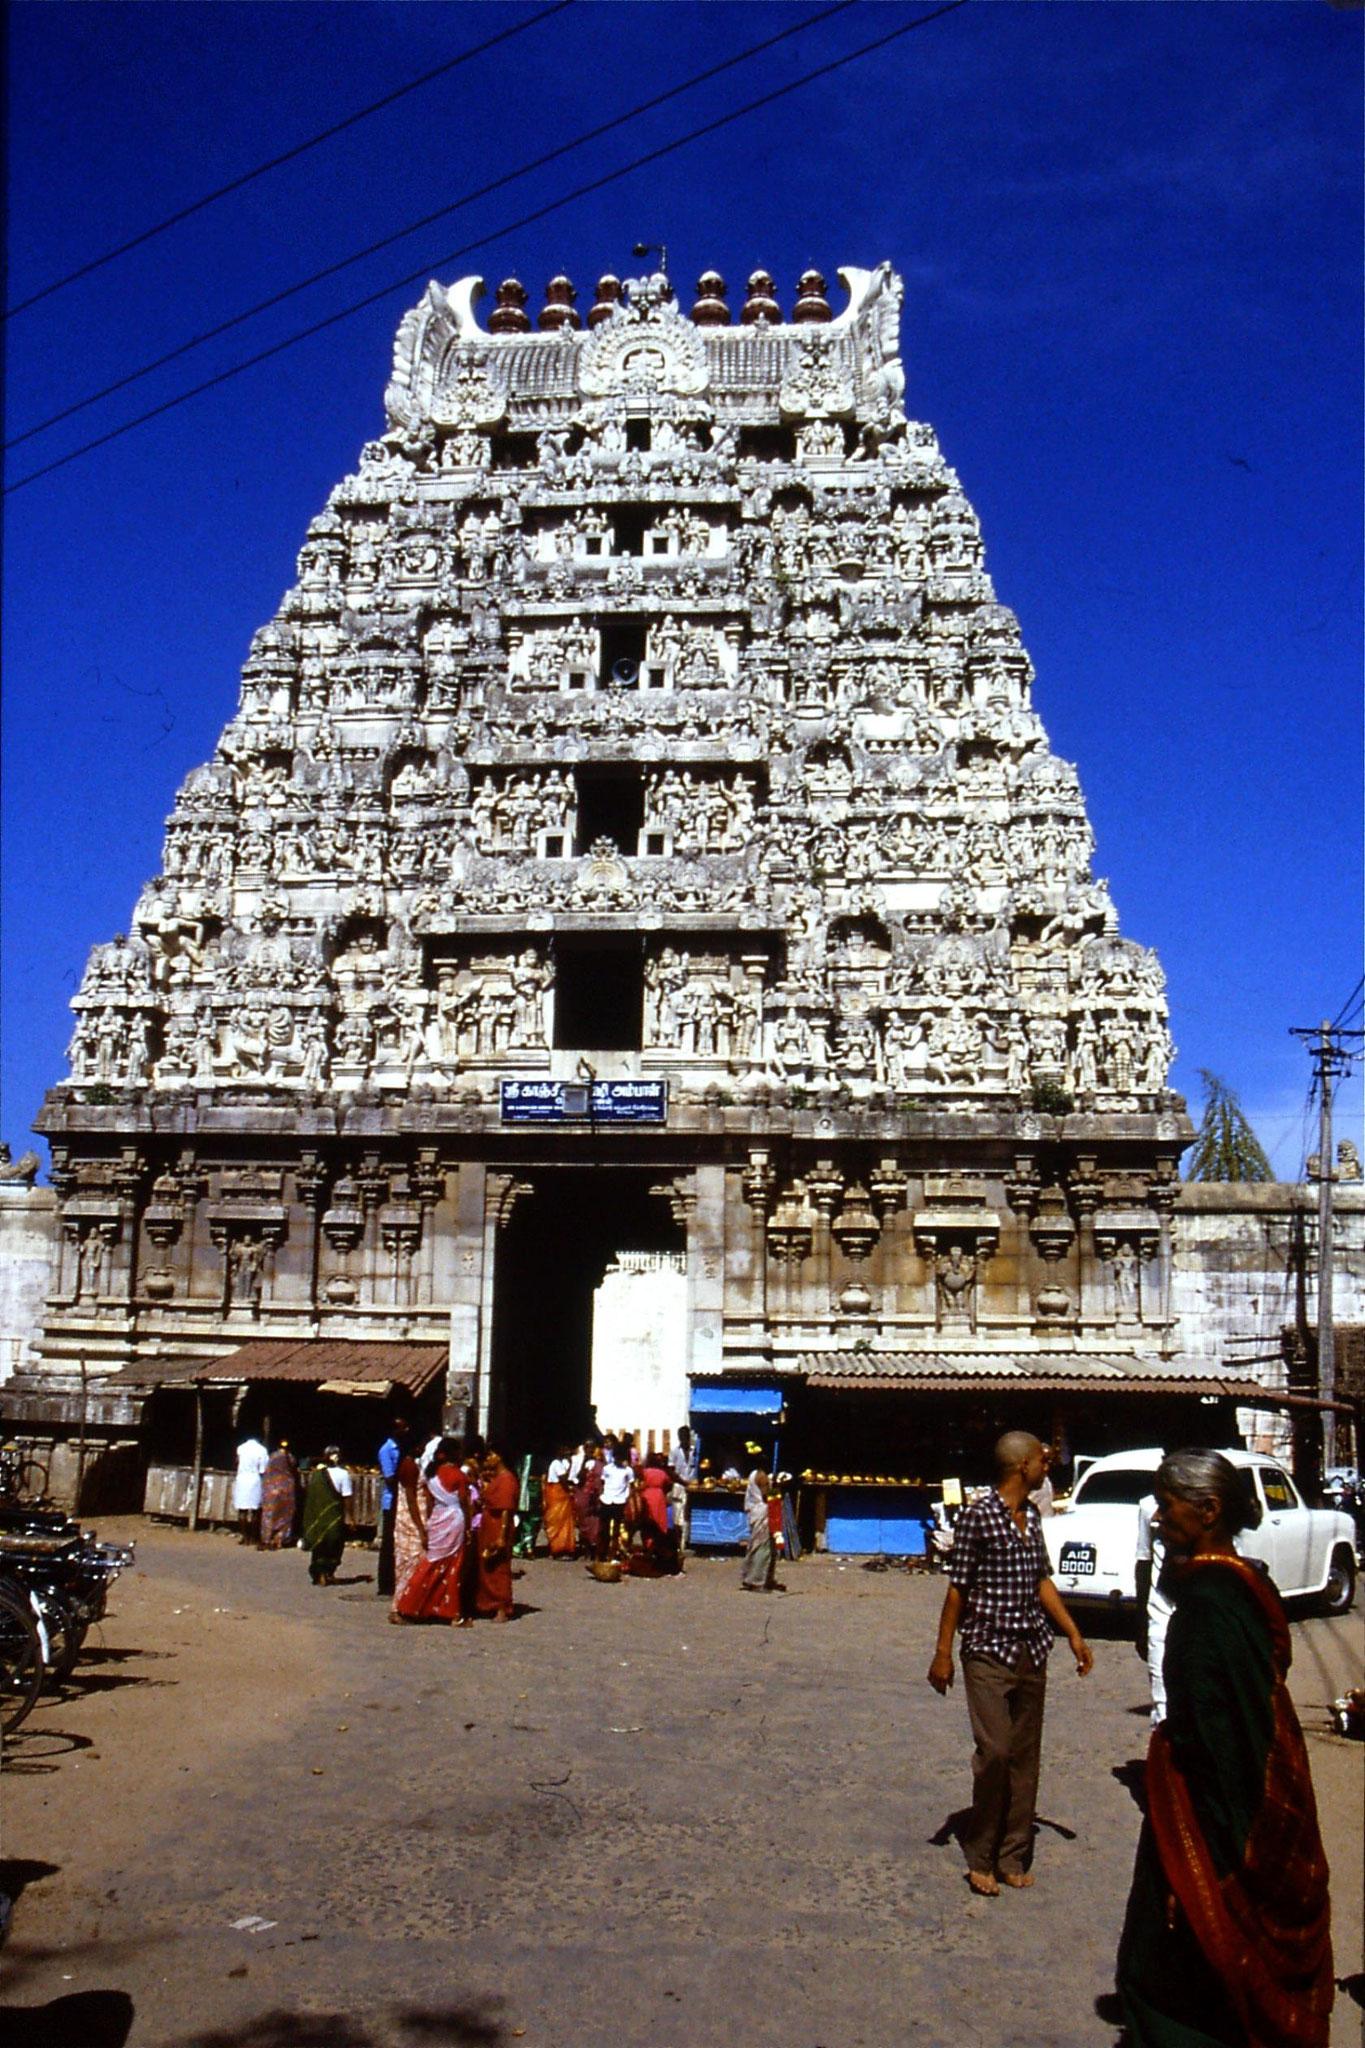 19/1/1990: 18: Kamakshi temple, 'gopuram' gateway